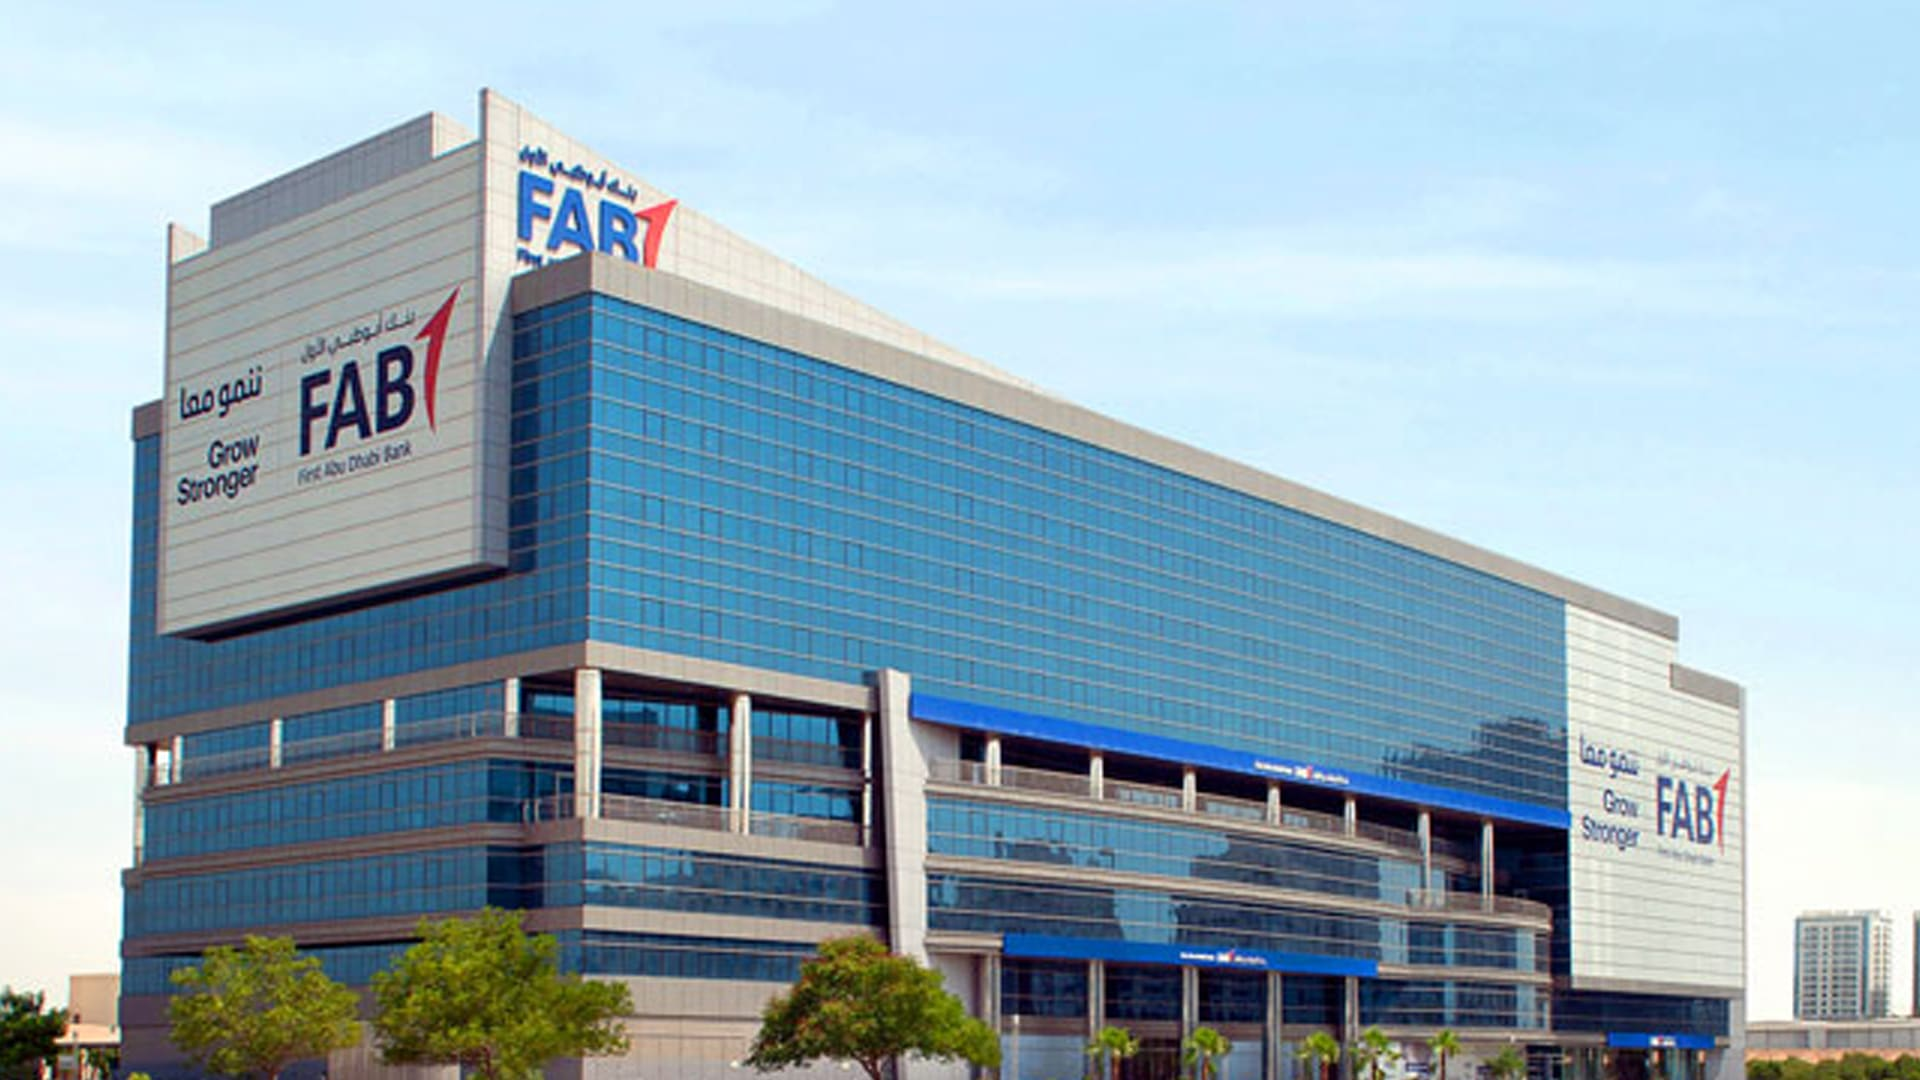 قطر ترفع دعوى قضائية ضد بنك أبوظبي الأول في نيويورك